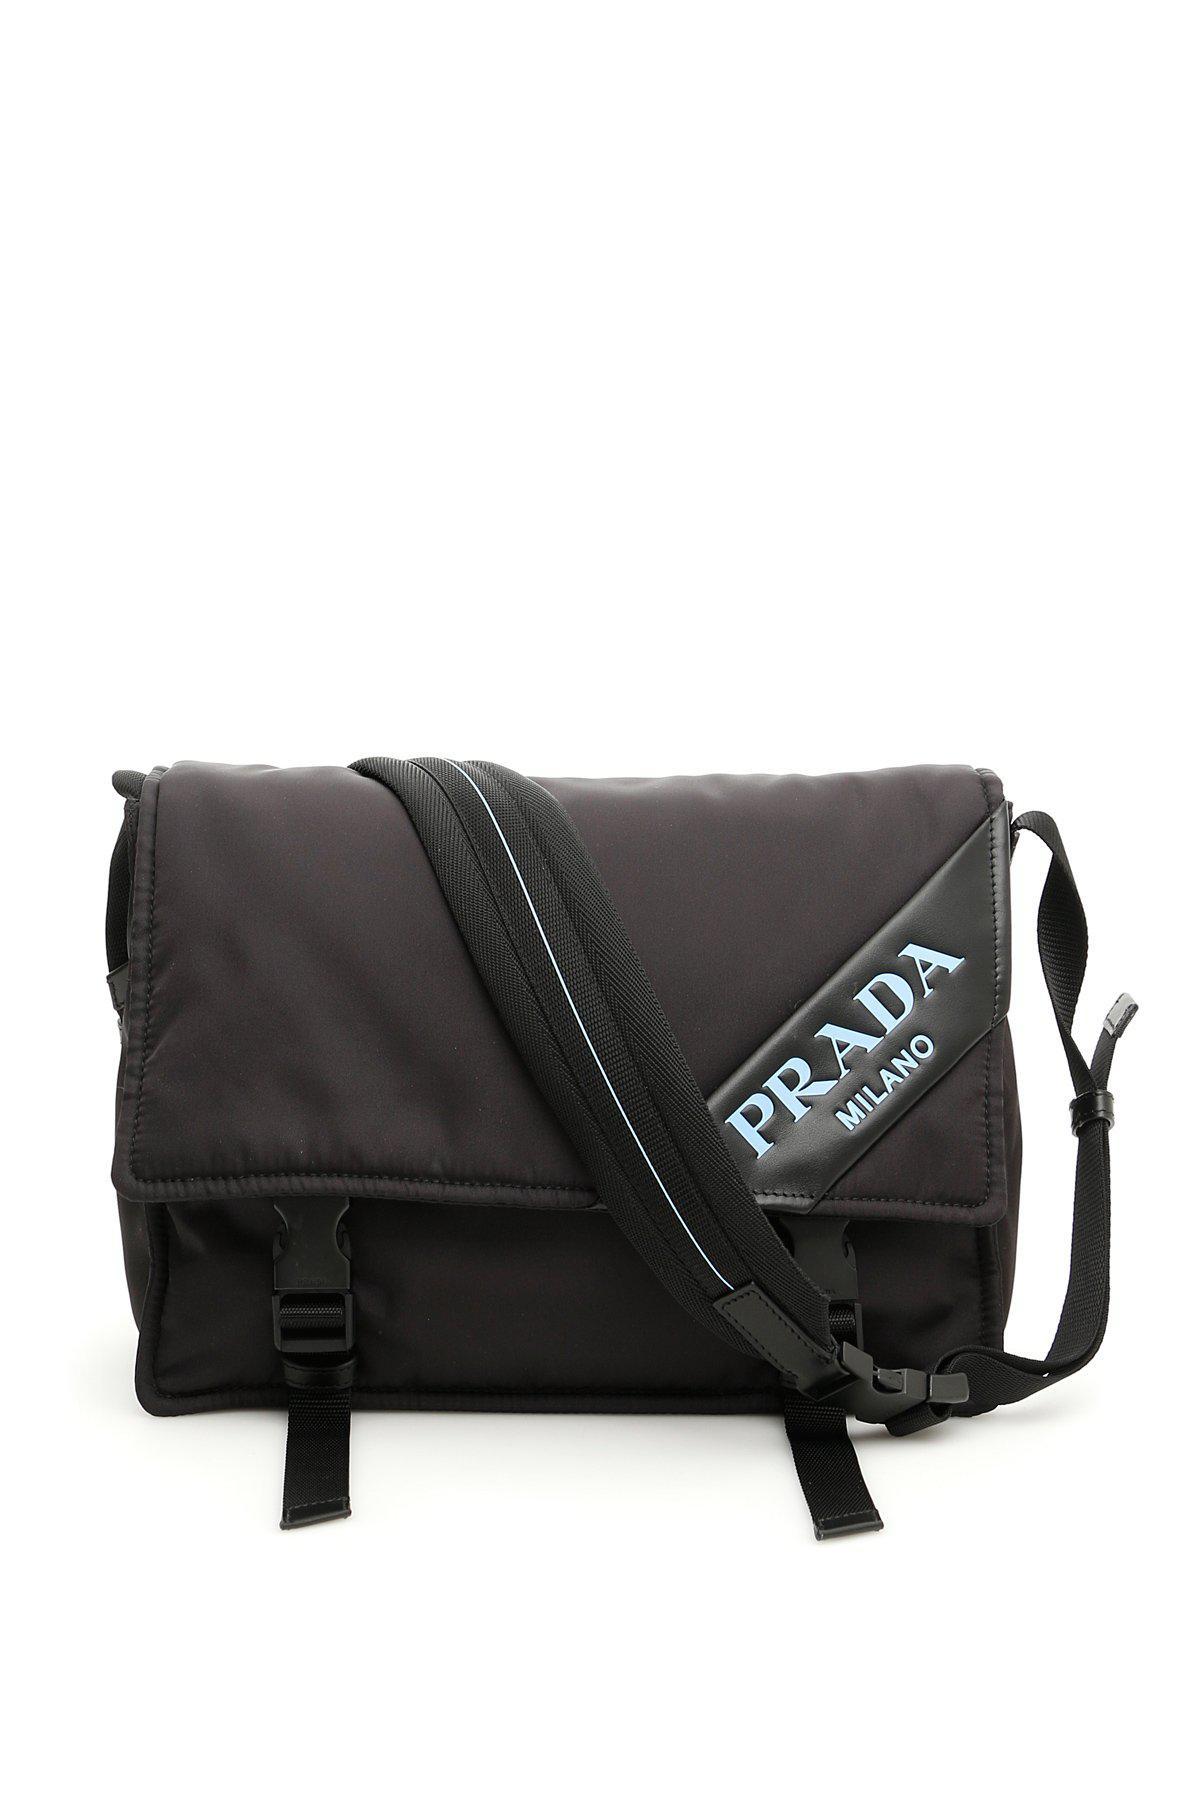 63fb16e9bdd1e6 Lyst - Prada Logo Crossbody Bag in Black